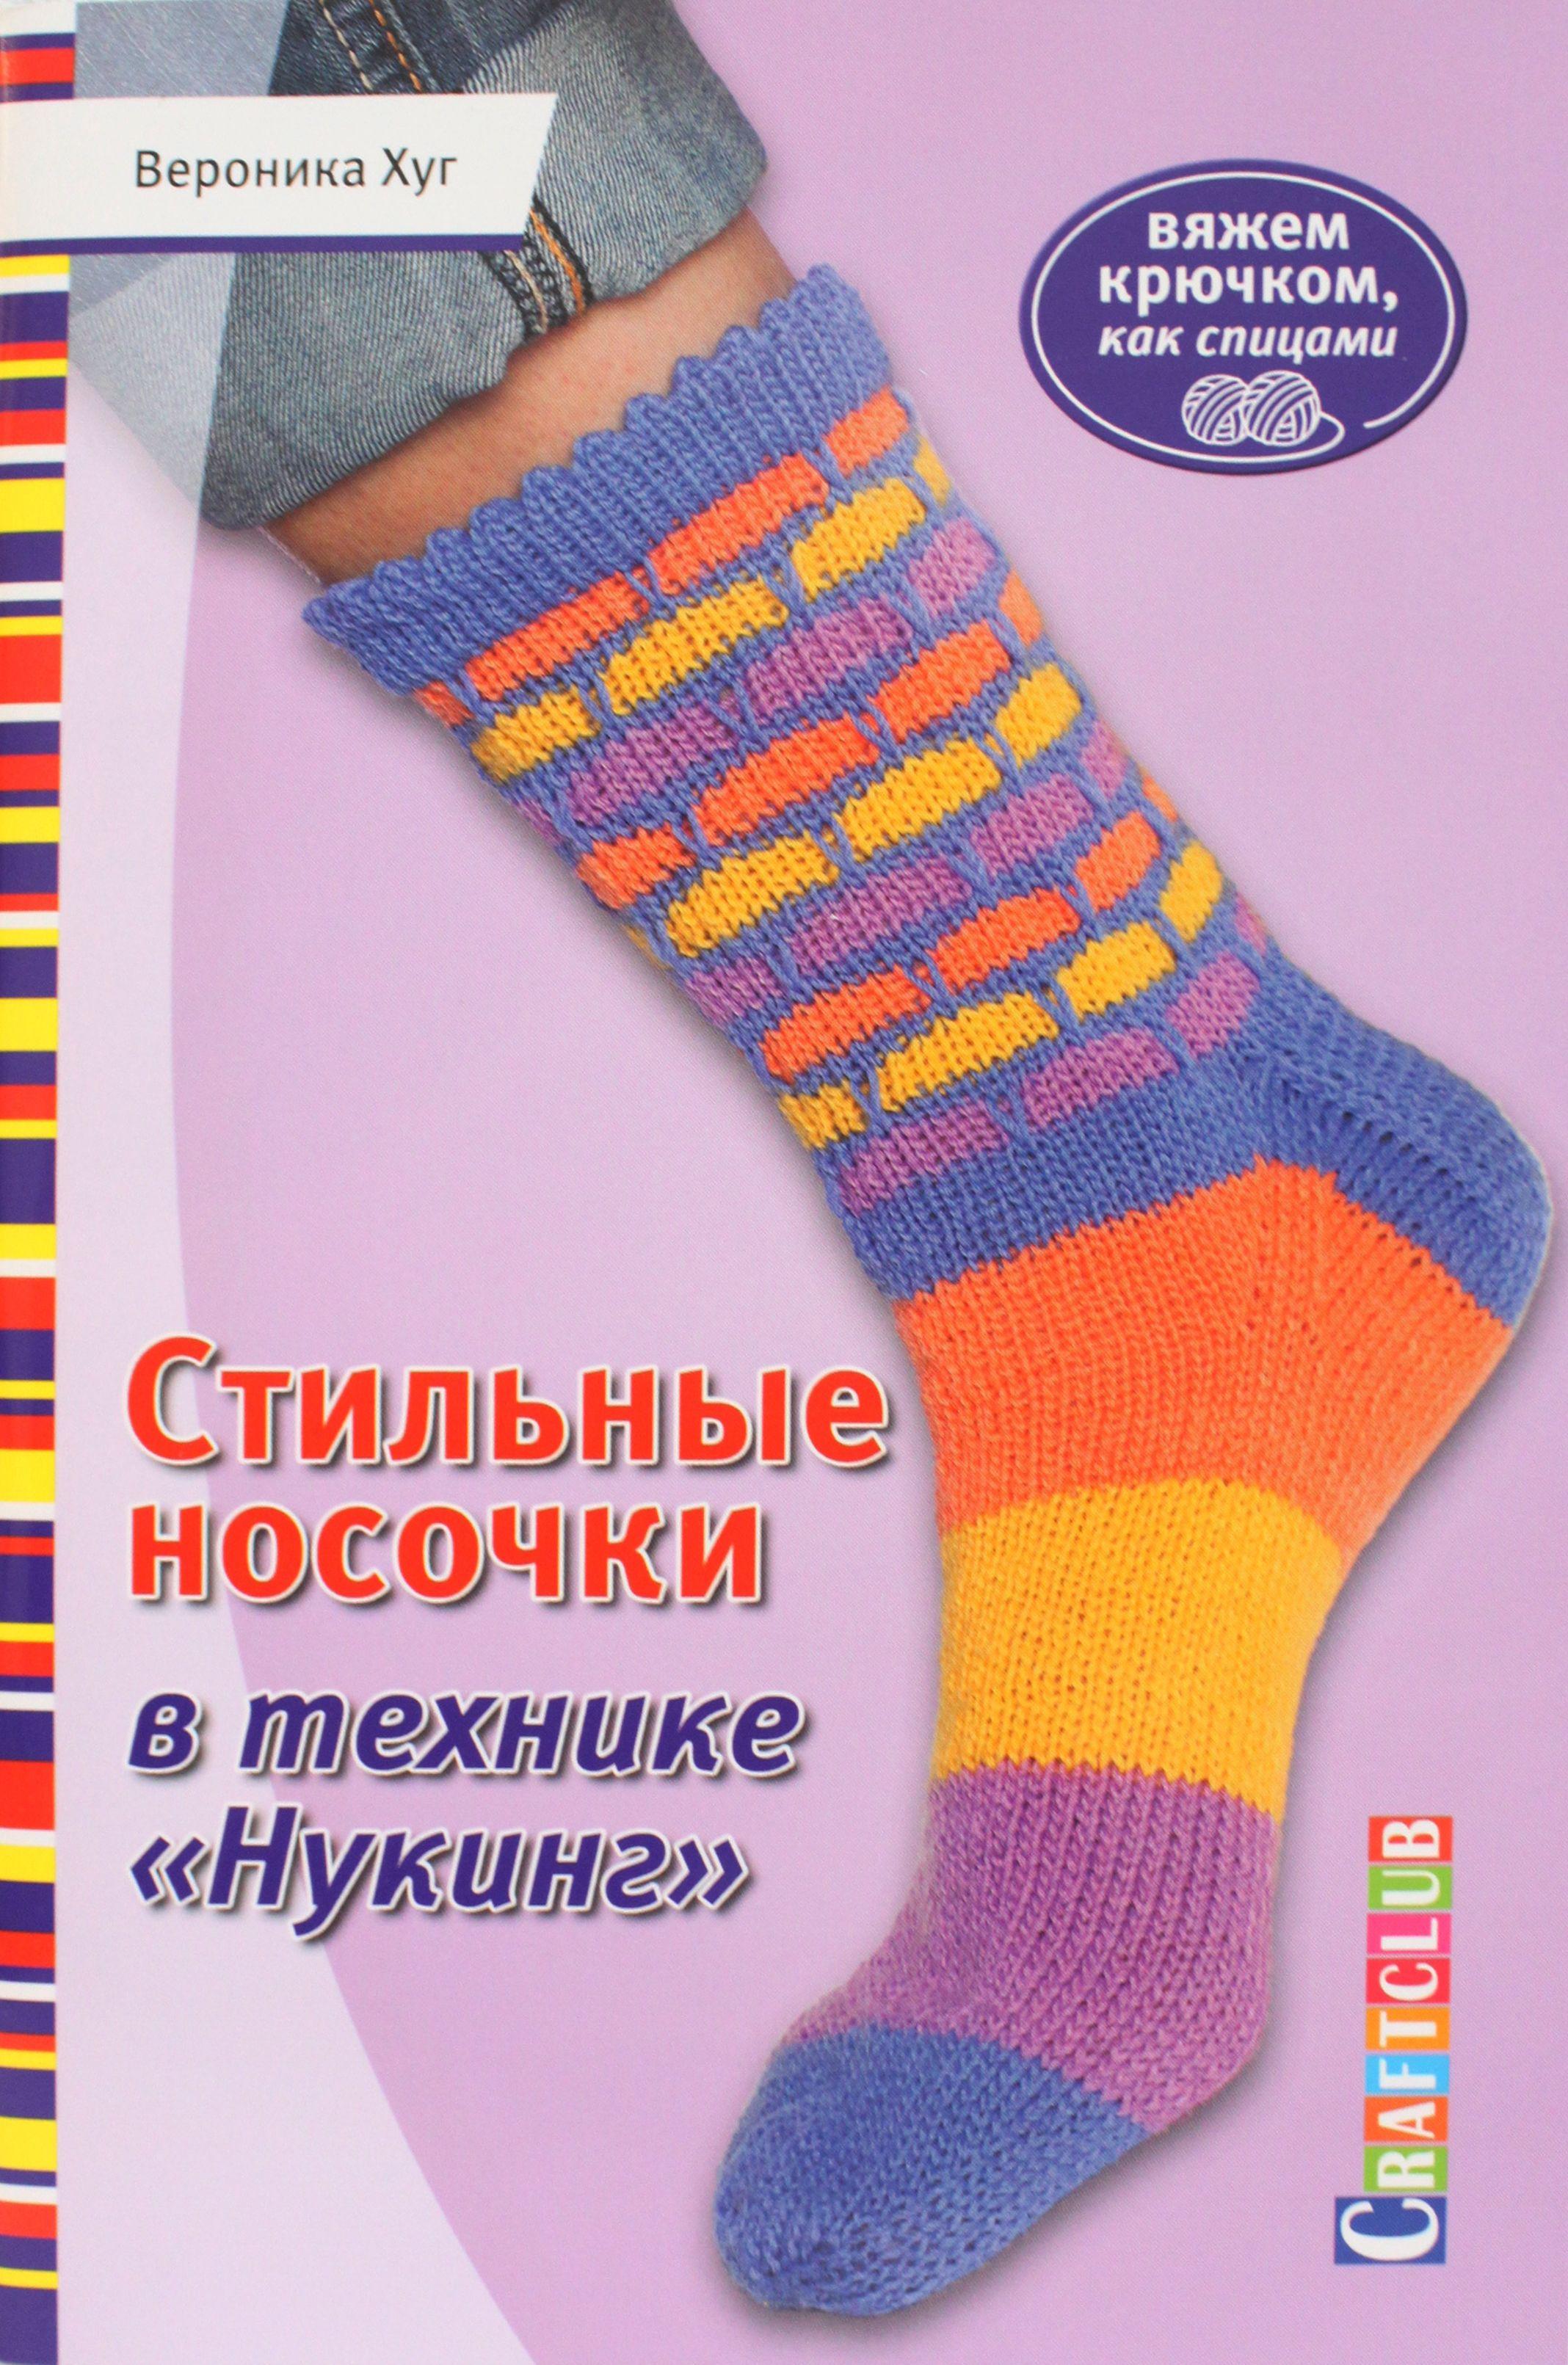 Стильные носочки в стиле 'Нукинг'